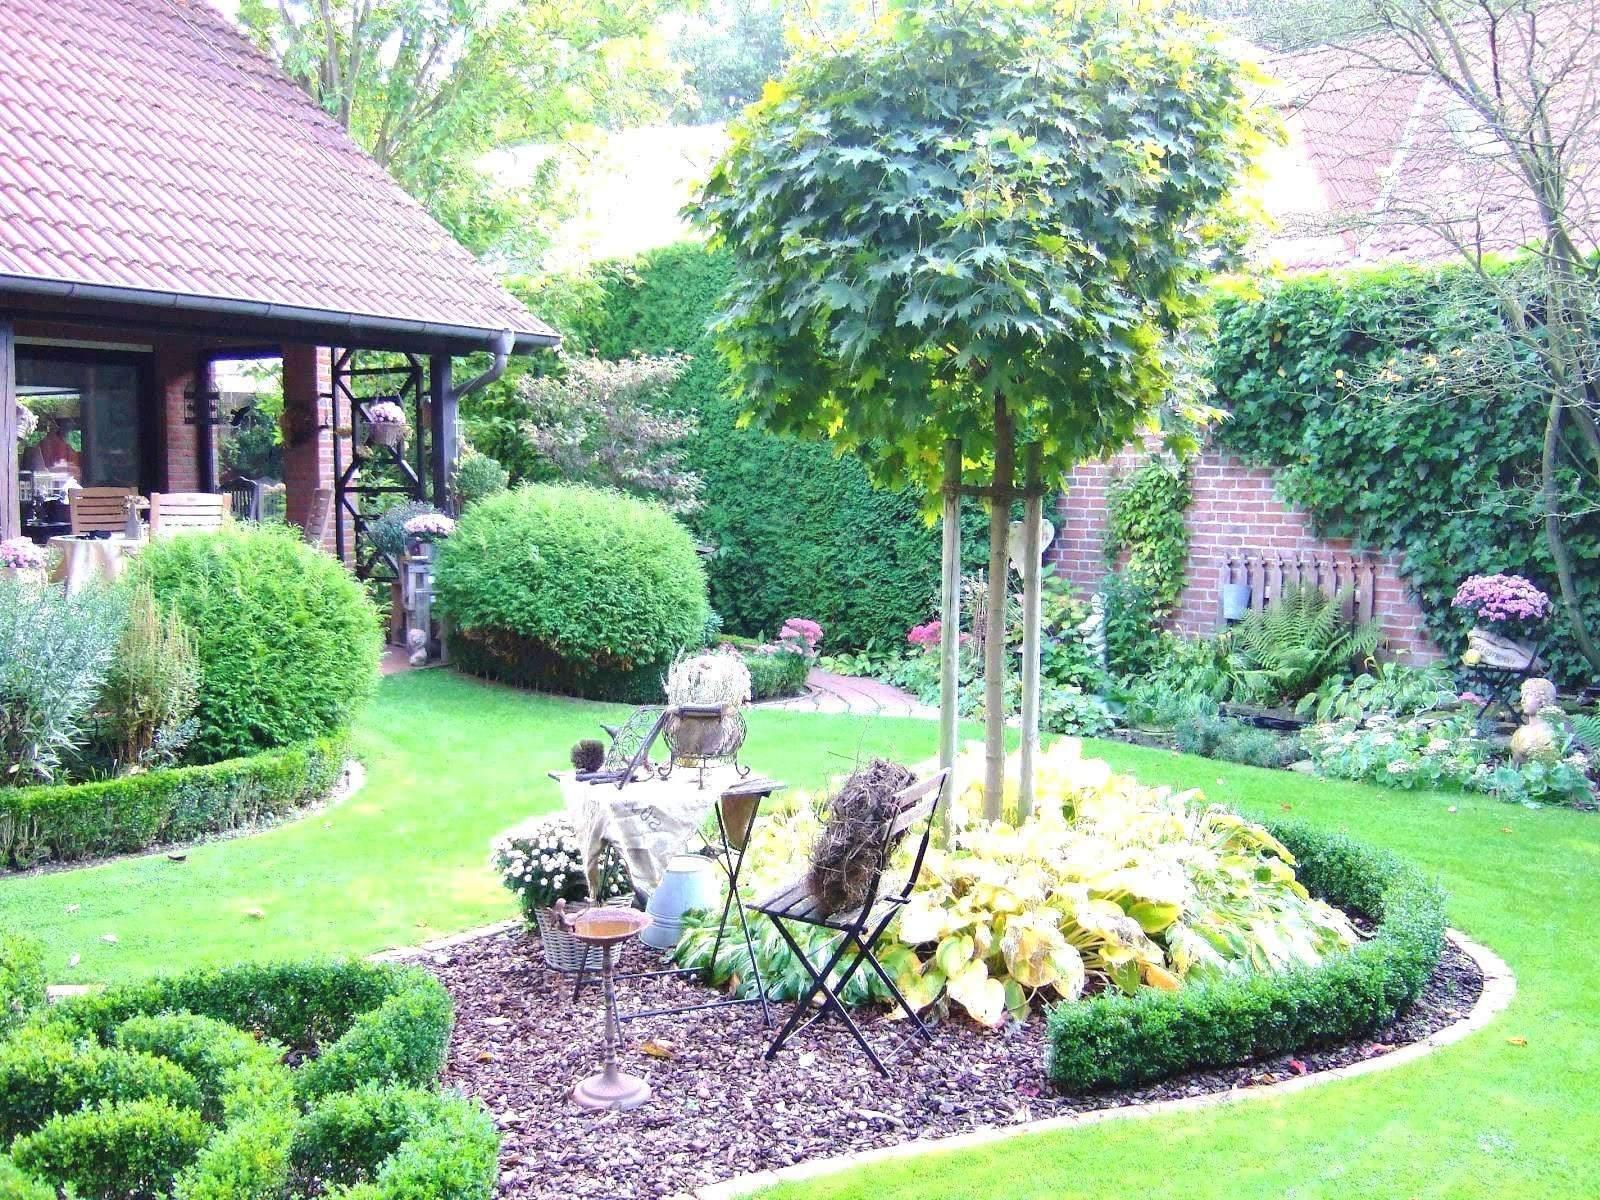 Garten Idee Das Beste Von Garten Ideas Garten Anlegen Inspirational Aussenleuchten